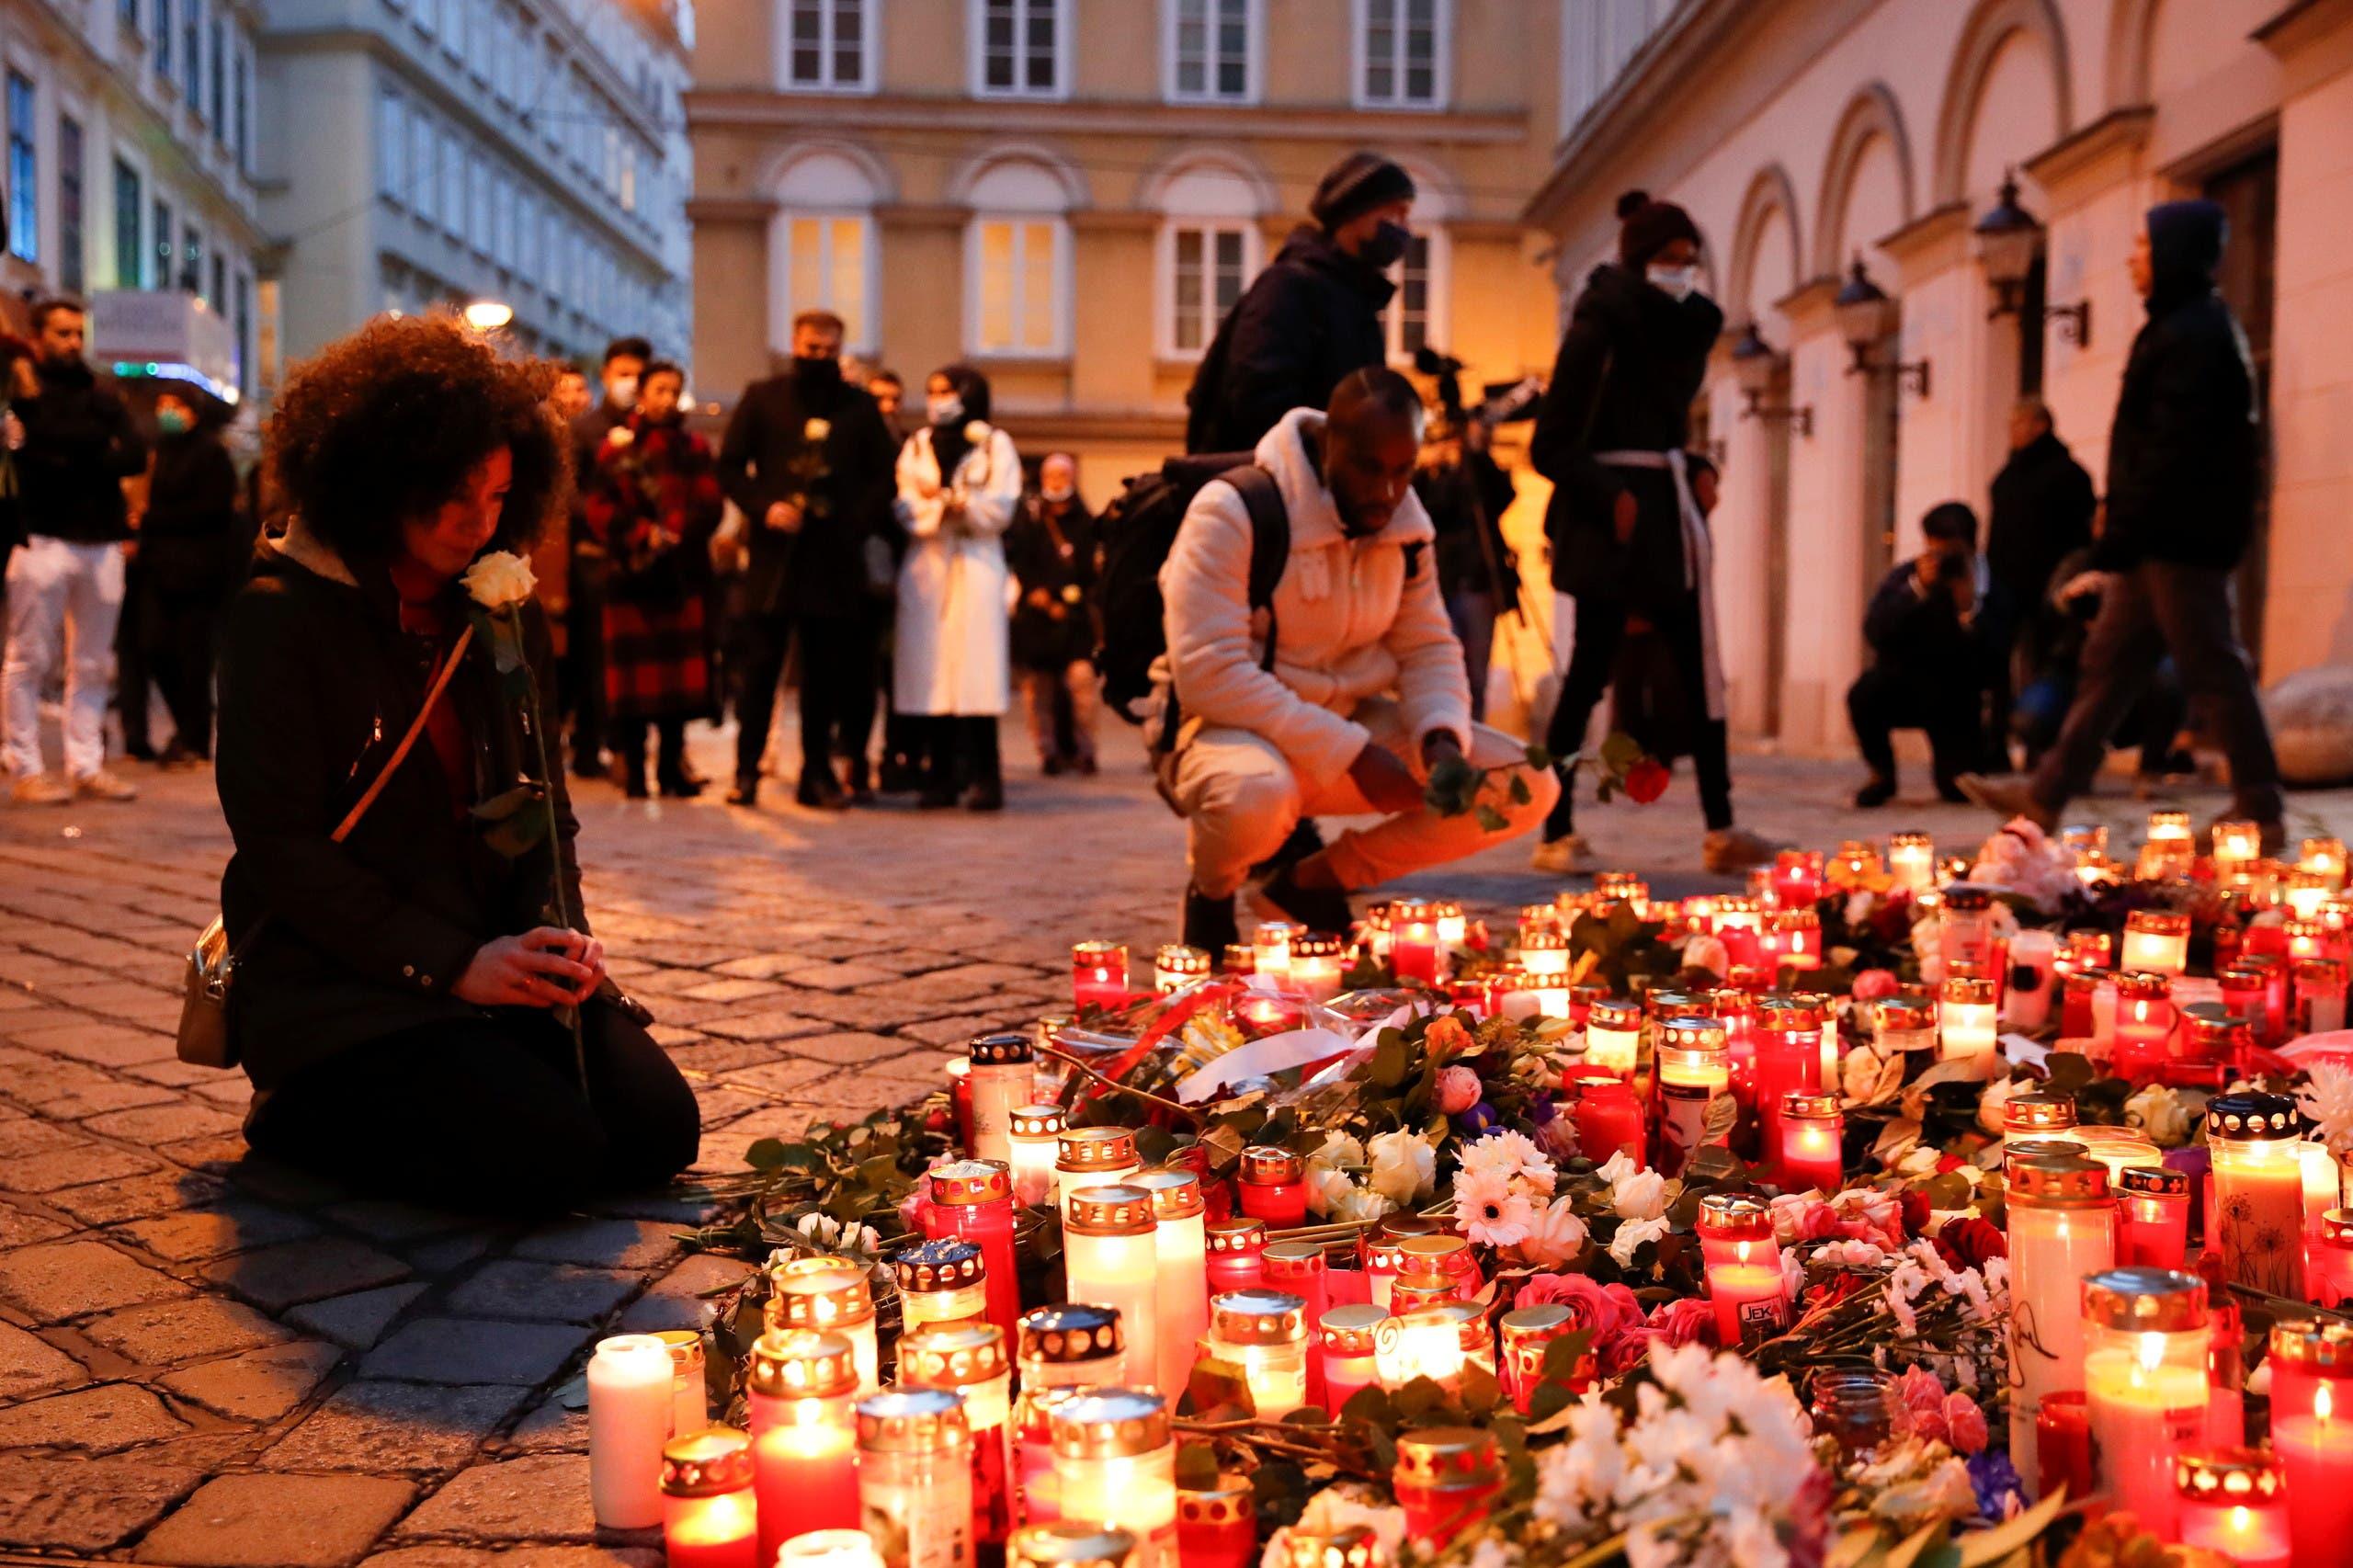 شموع وأزهار في مكان وقوع الهجوم في فيينا